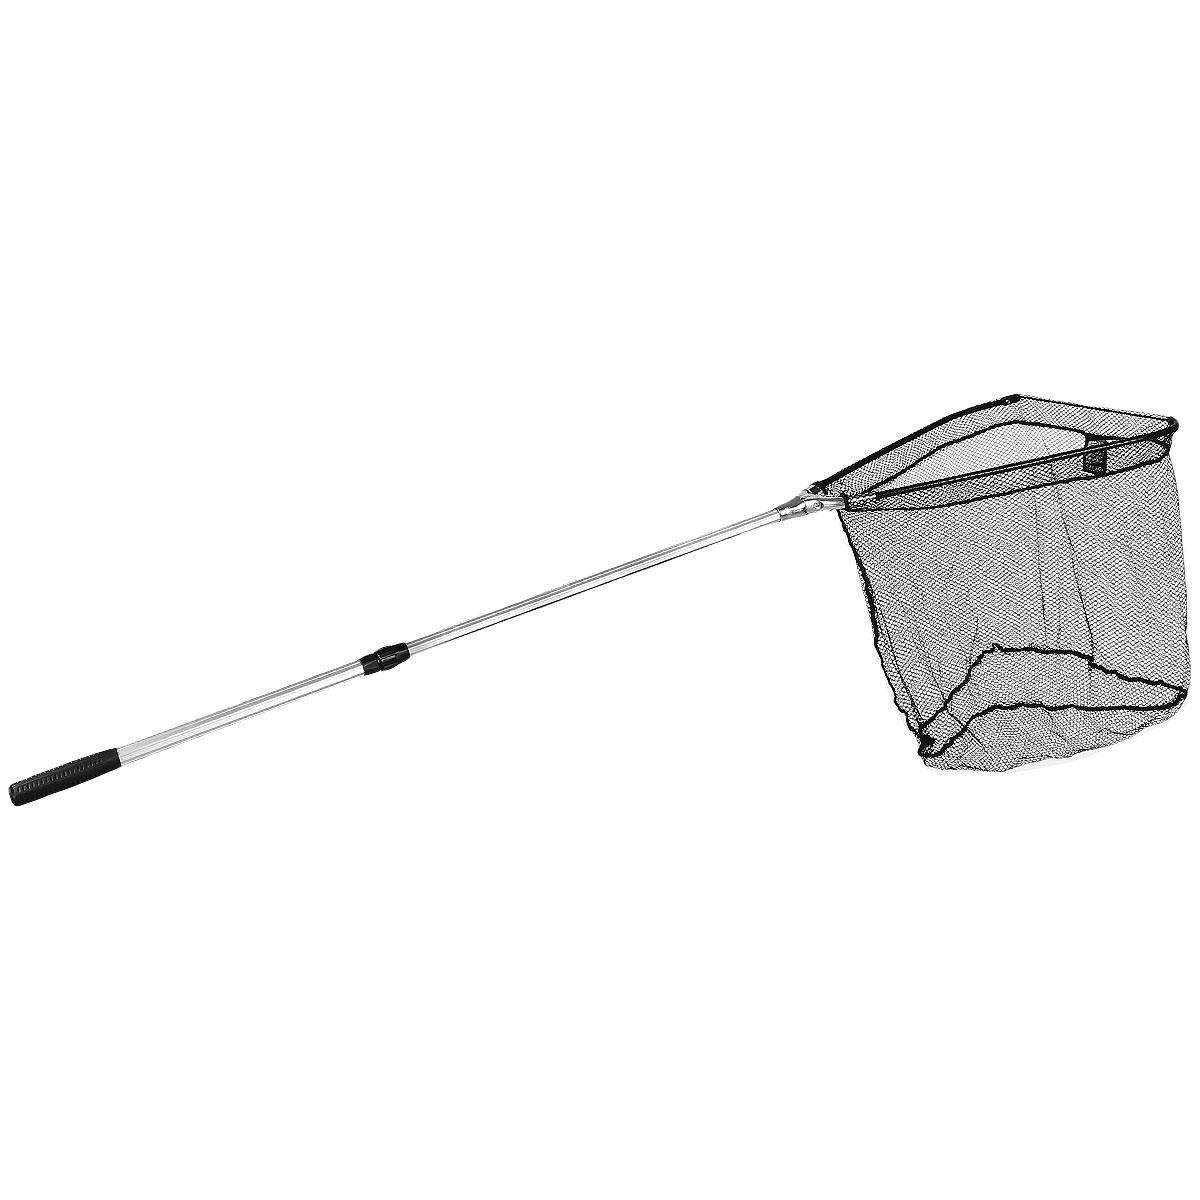 Подсачек складной Salmo, телескопический, 200 см х 60 см х 58 см7502-200Подсачек - важная деталь снаряжения любого рыболова. Удобный складной подсачек с треугольной формой сачка и телескопической ручкой. Размер ячейки 0,8 см х 0,8 см. На ручке расположен фиксатор для закрепления на поясе.Материал: металл, капрон.